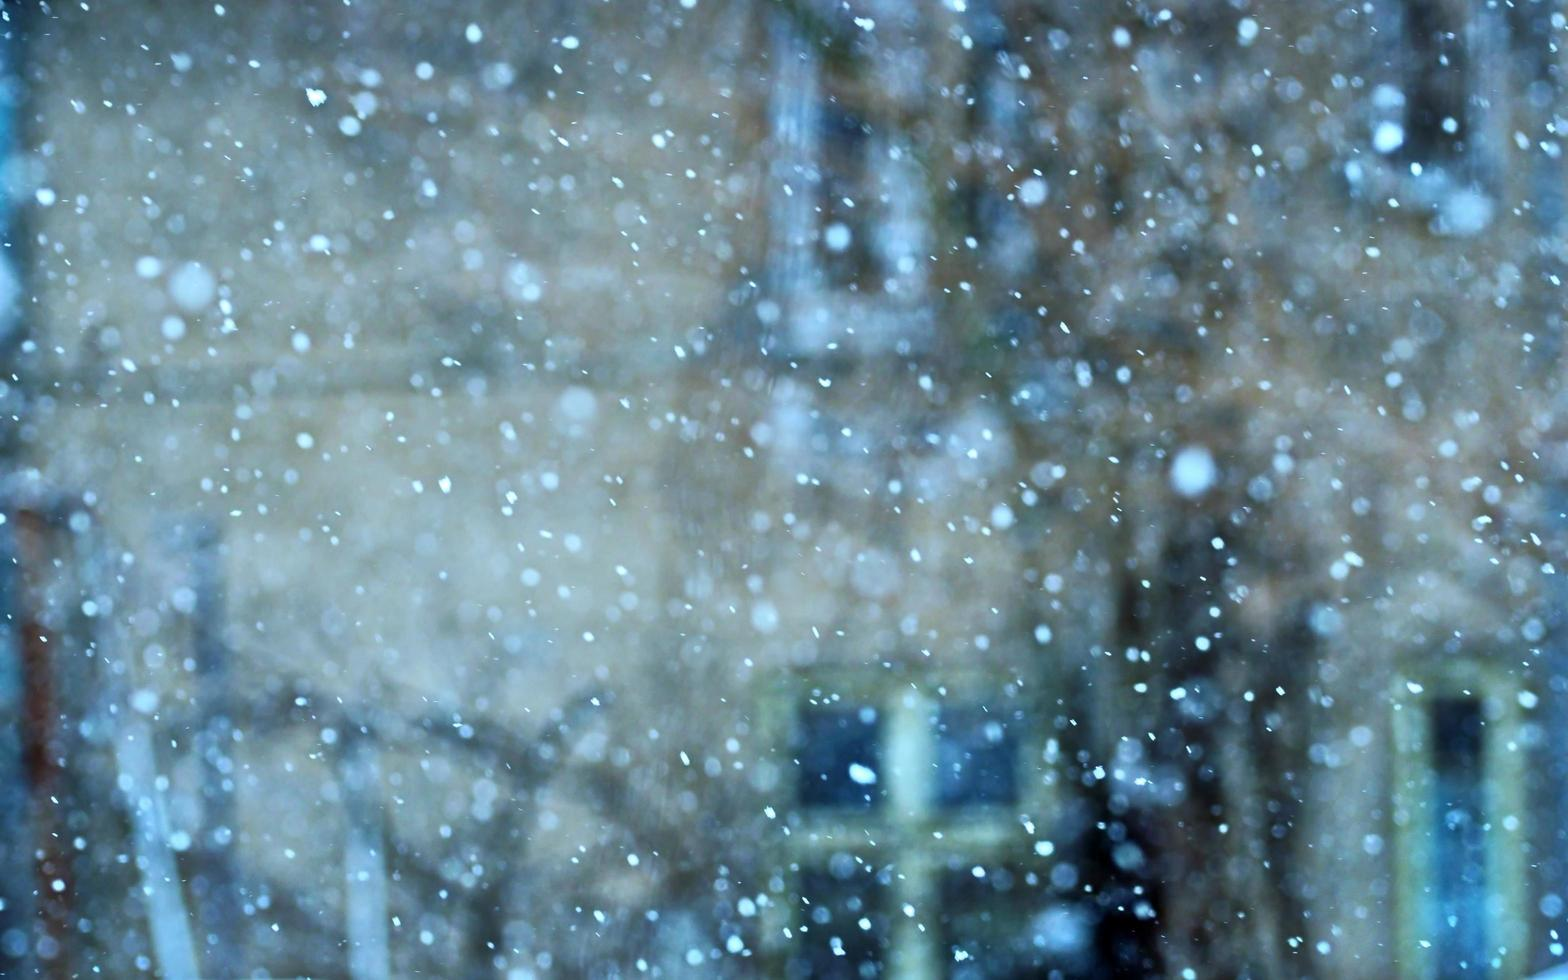 vallende sneeuwvlokken in een stedelijk gebied foto